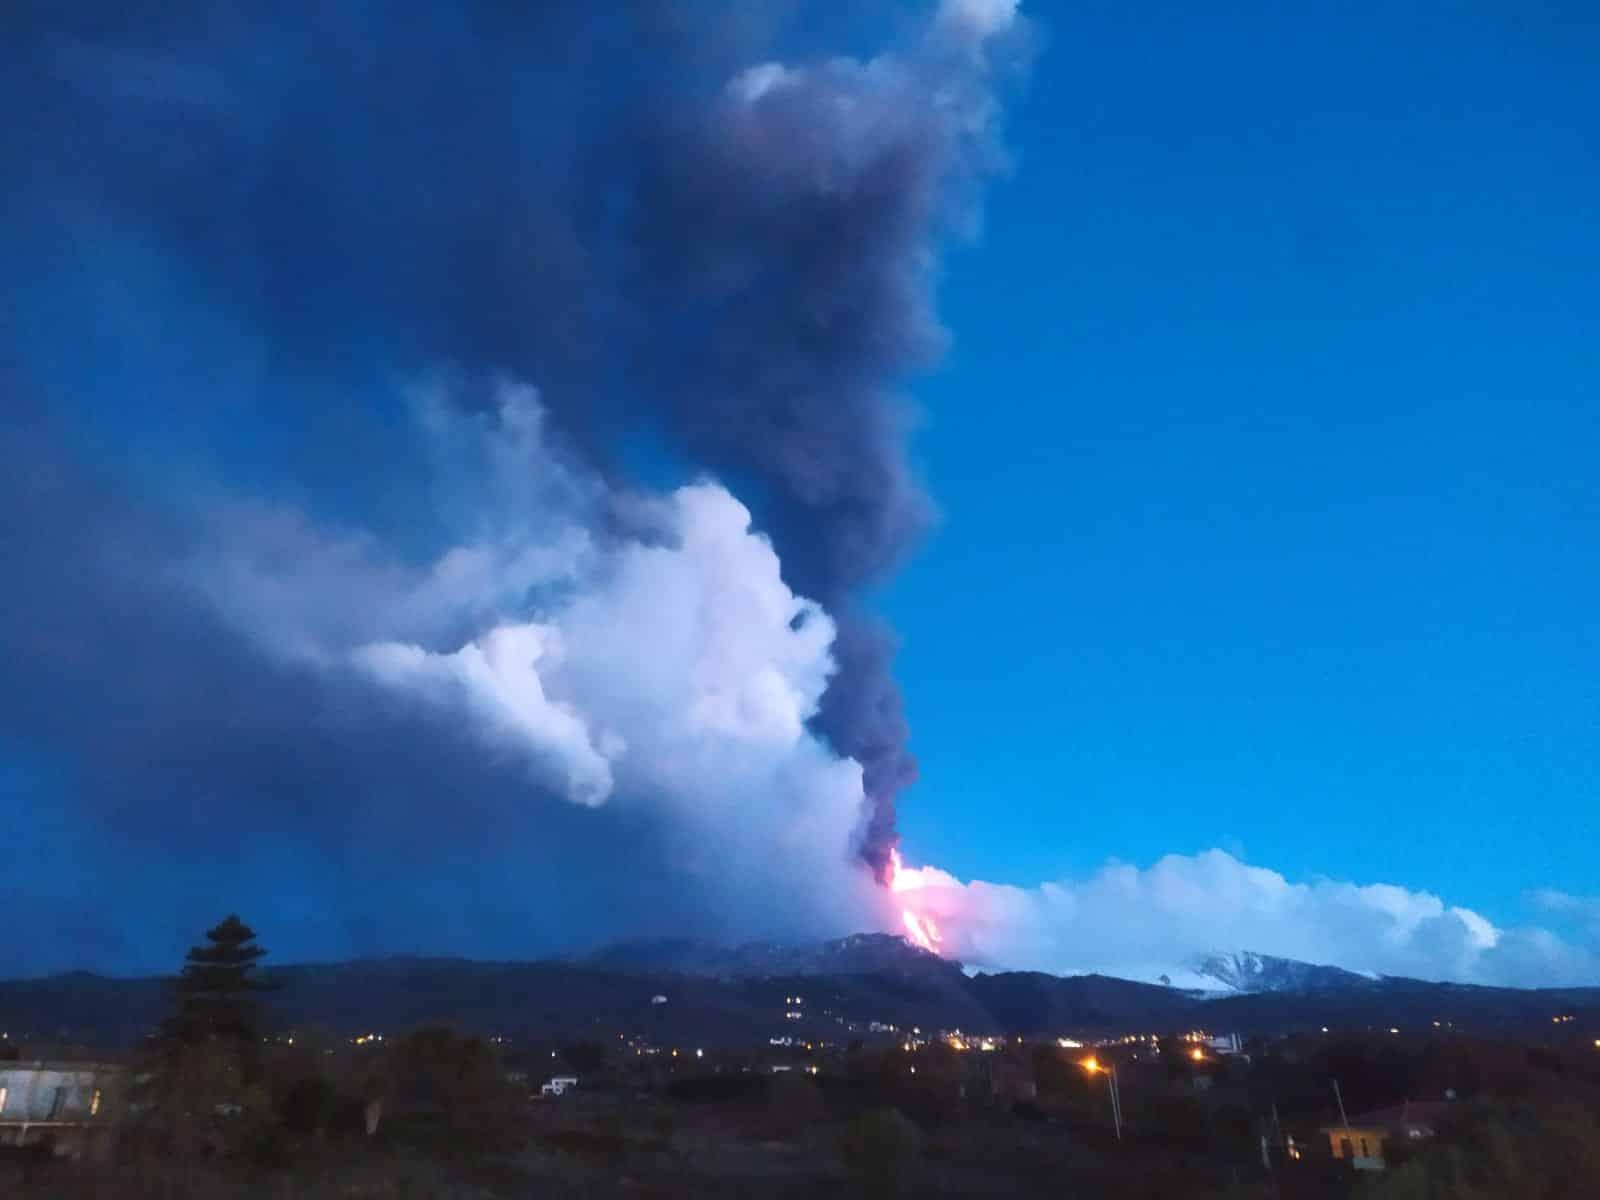 Etna, 14° eruzione in piena notte: forti boati, cenere e lava. Le parole degli esperti Ingv – FOTO e VIDEO